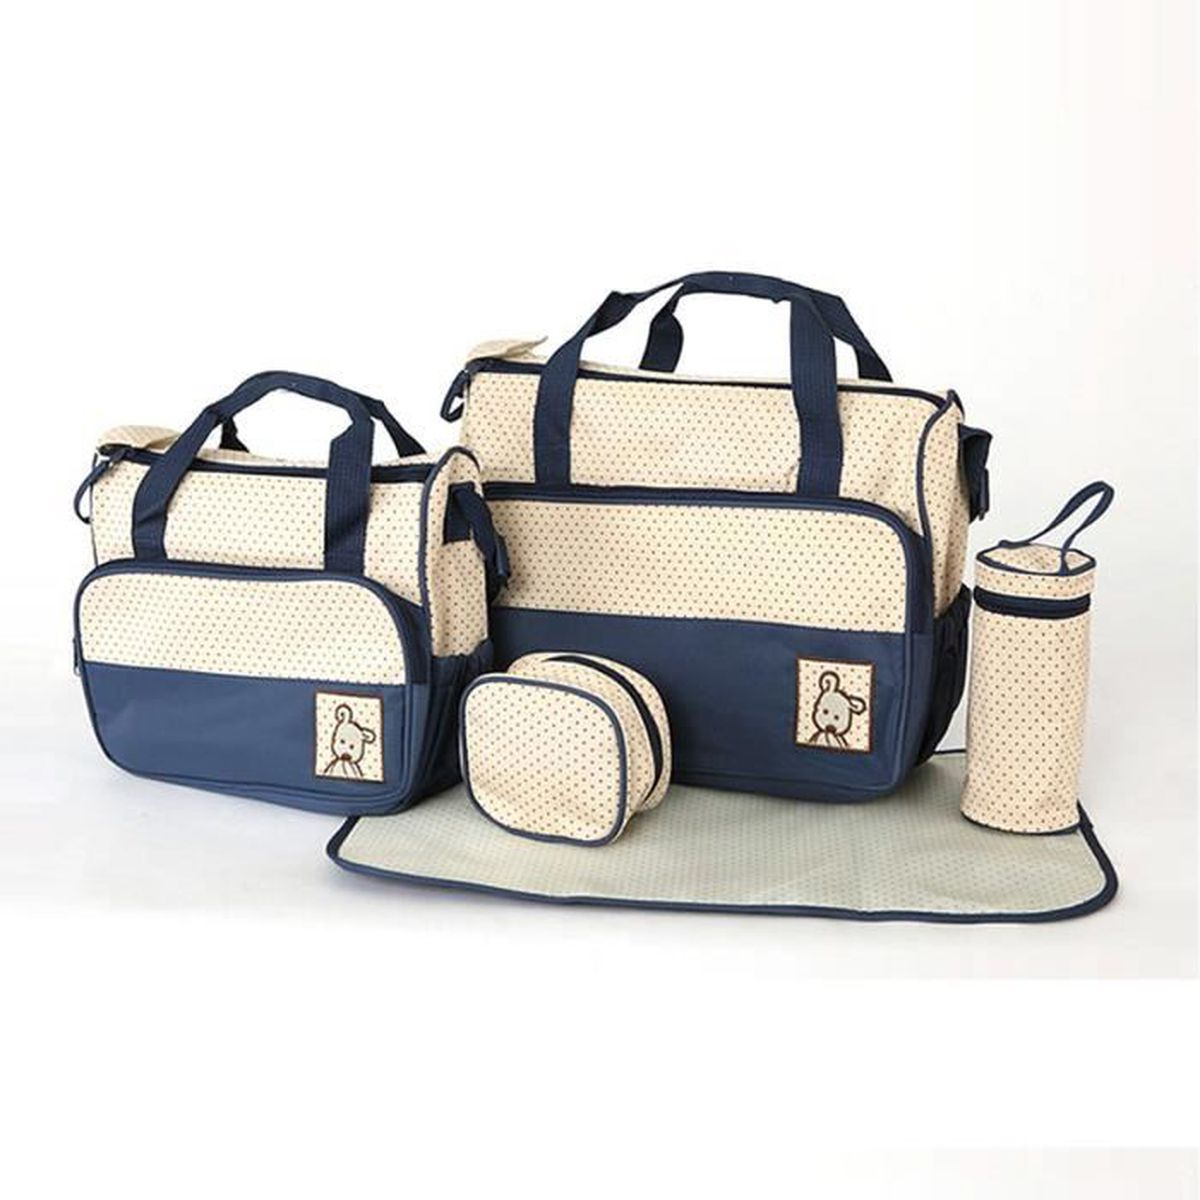 sac a langer bleu marine achat vente sac a langer bleu. Black Bedroom Furniture Sets. Home Design Ideas